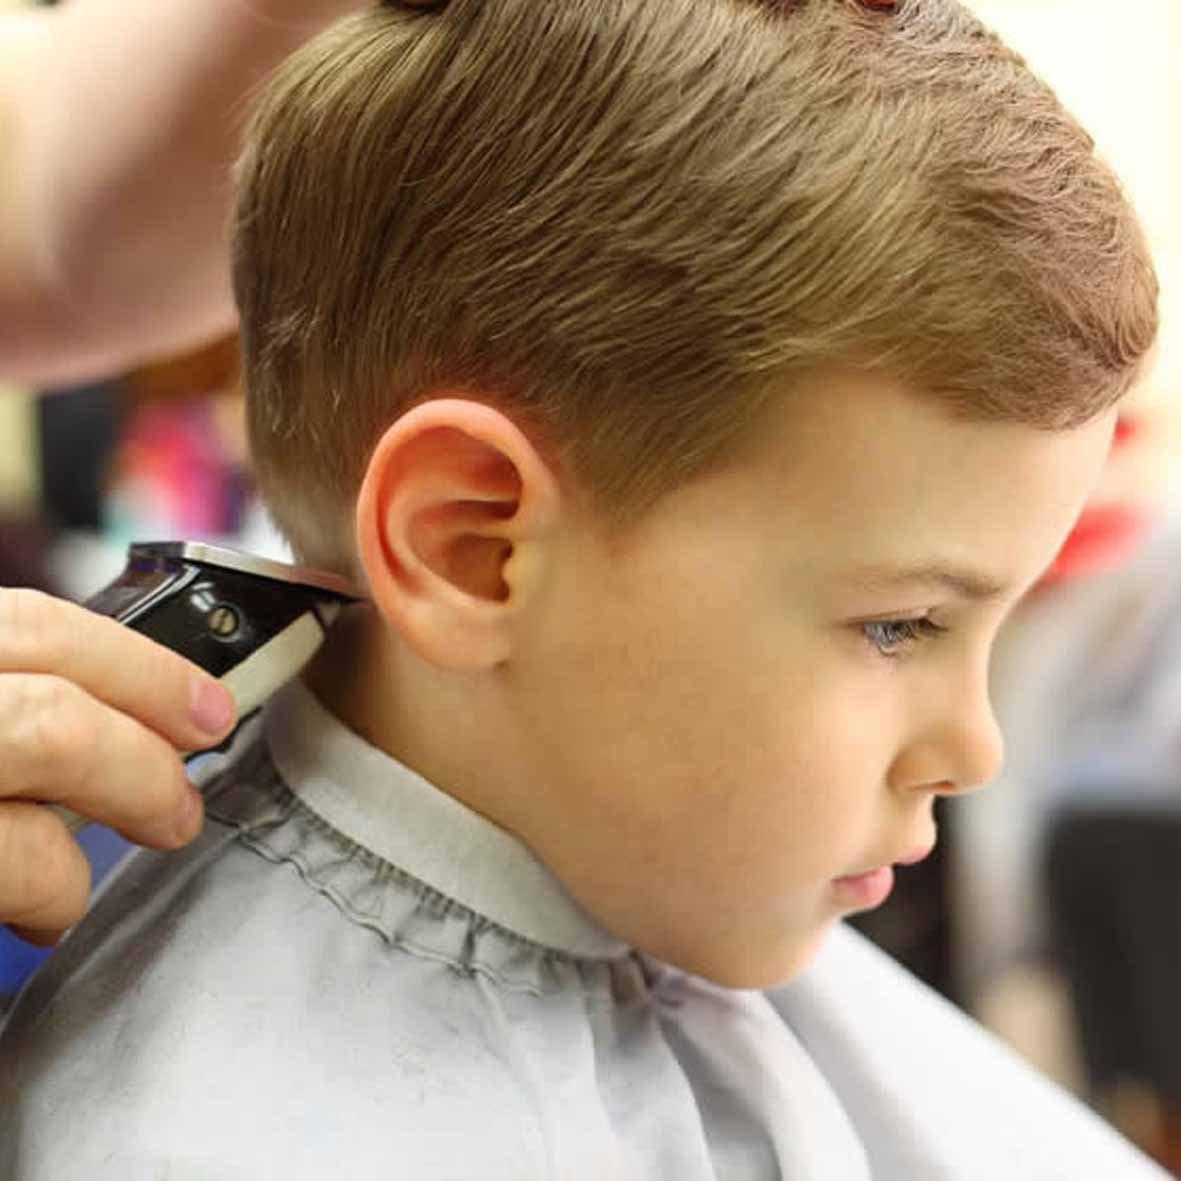 Причёски в школу: 7 простых вариантов на каждый день - Лайфхакер